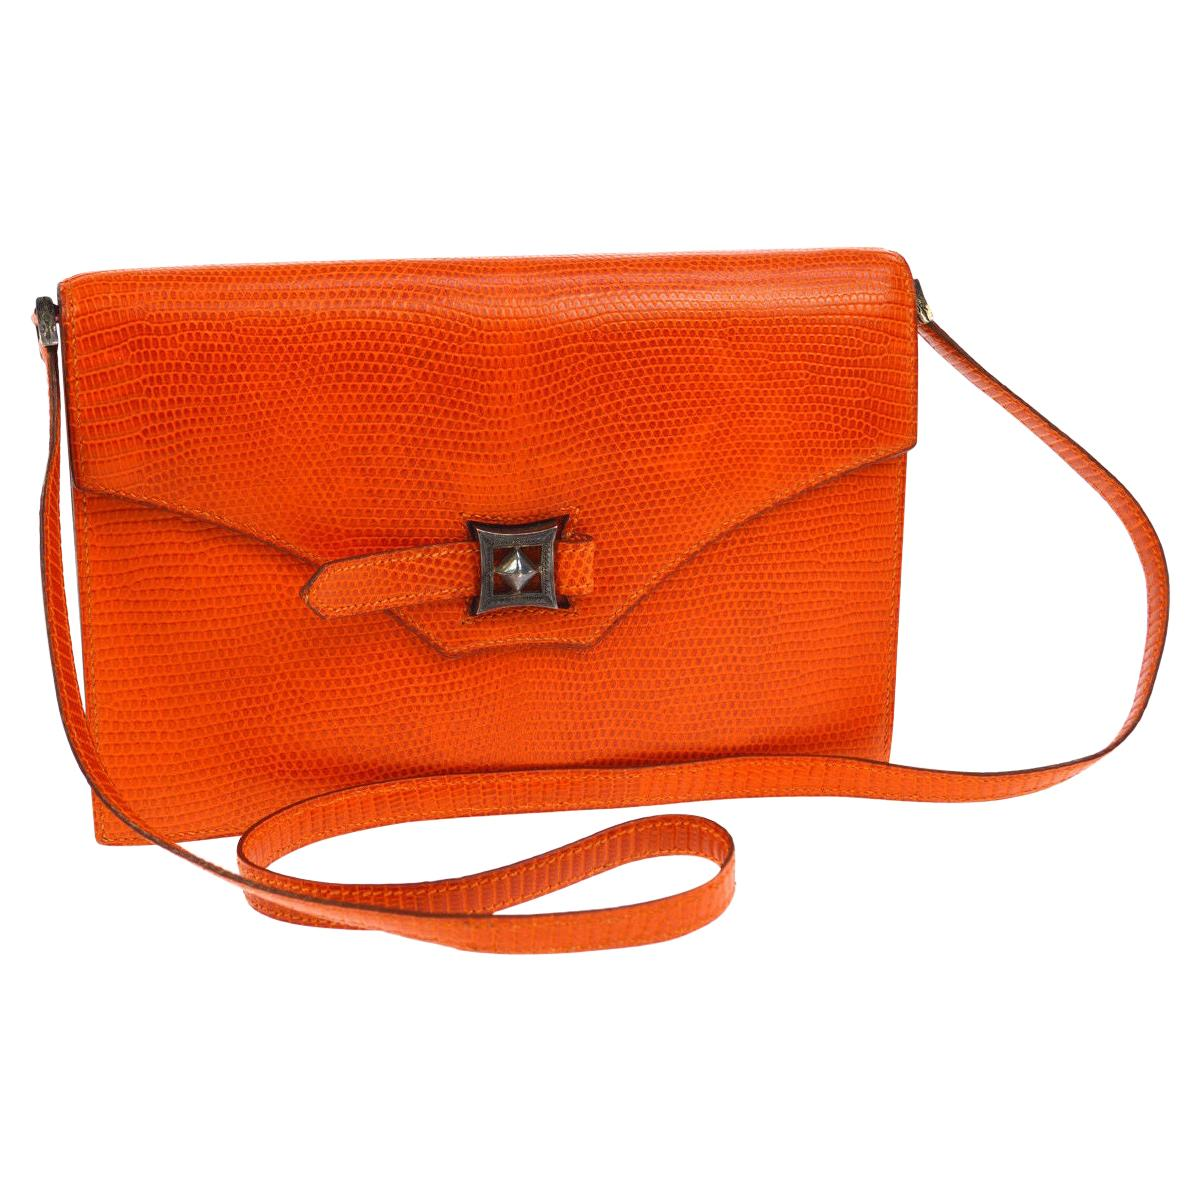 Hermes Limited Edition Lizard Leather Envelope Evening Clutch Shoulder Flap Bag